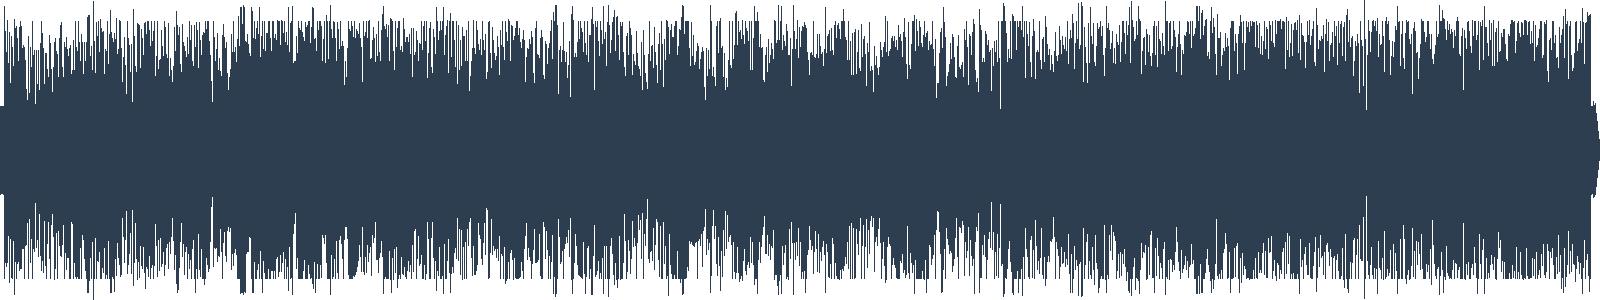 Audinovinky NAHLAS! - Speciál (#8) waveform